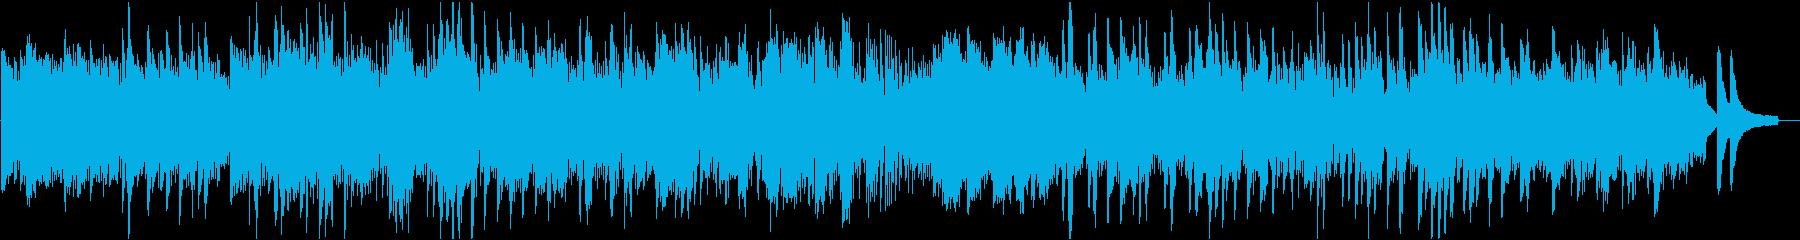 ピアノ名曲ベートーベン 悲しい曲の定番曲の再生済みの波形